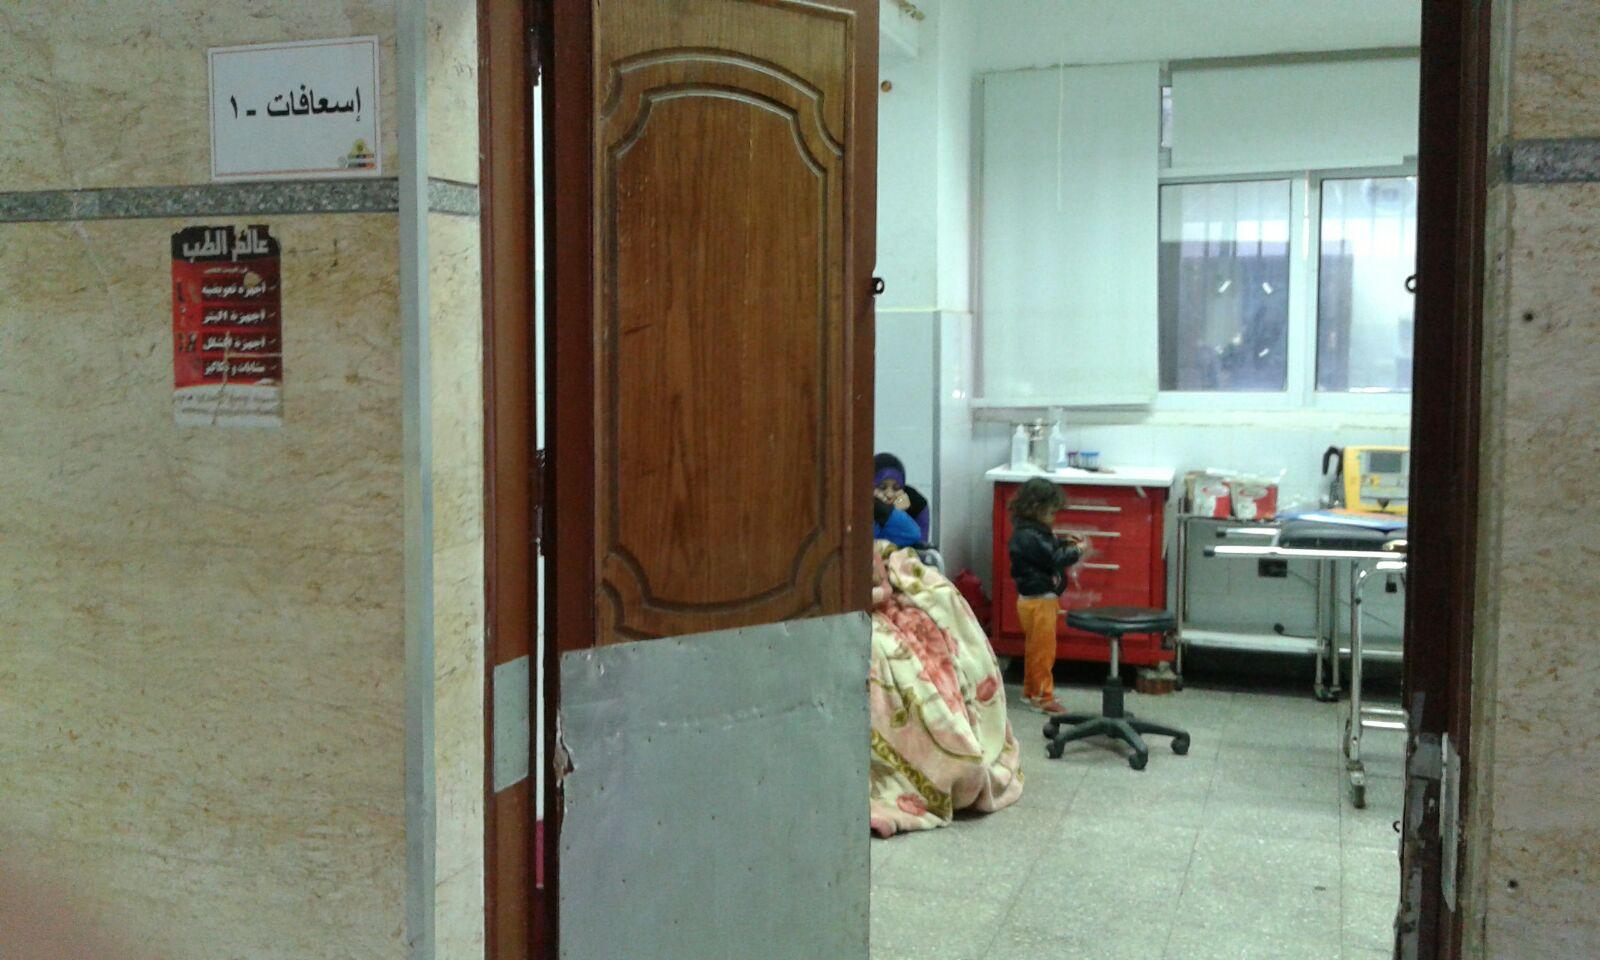 المواطنة على كرسي متحرك في طوراىء مستشفى جامعة بني سويف في انتظار إسعافها